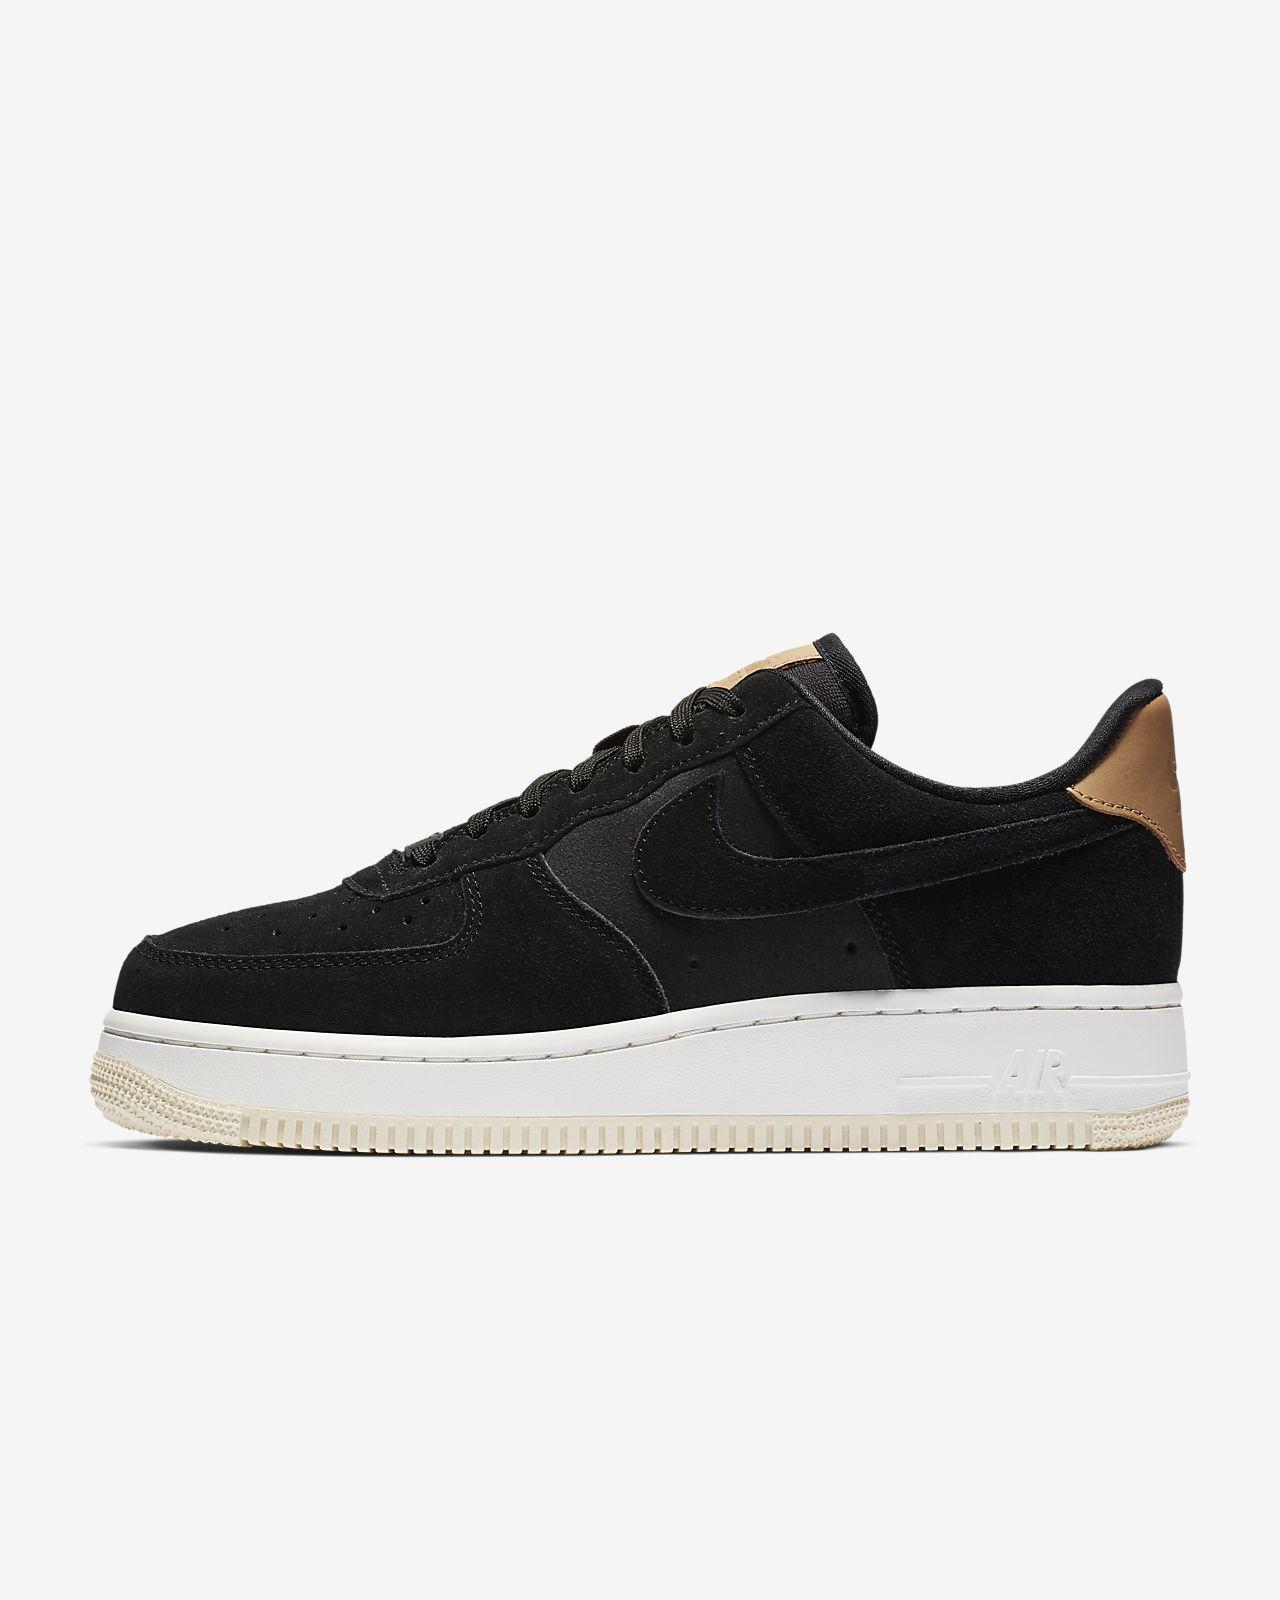 cheaper 7f016 cd037 ... Nike Air Force 1 07 Low Premium – sko til kvinder